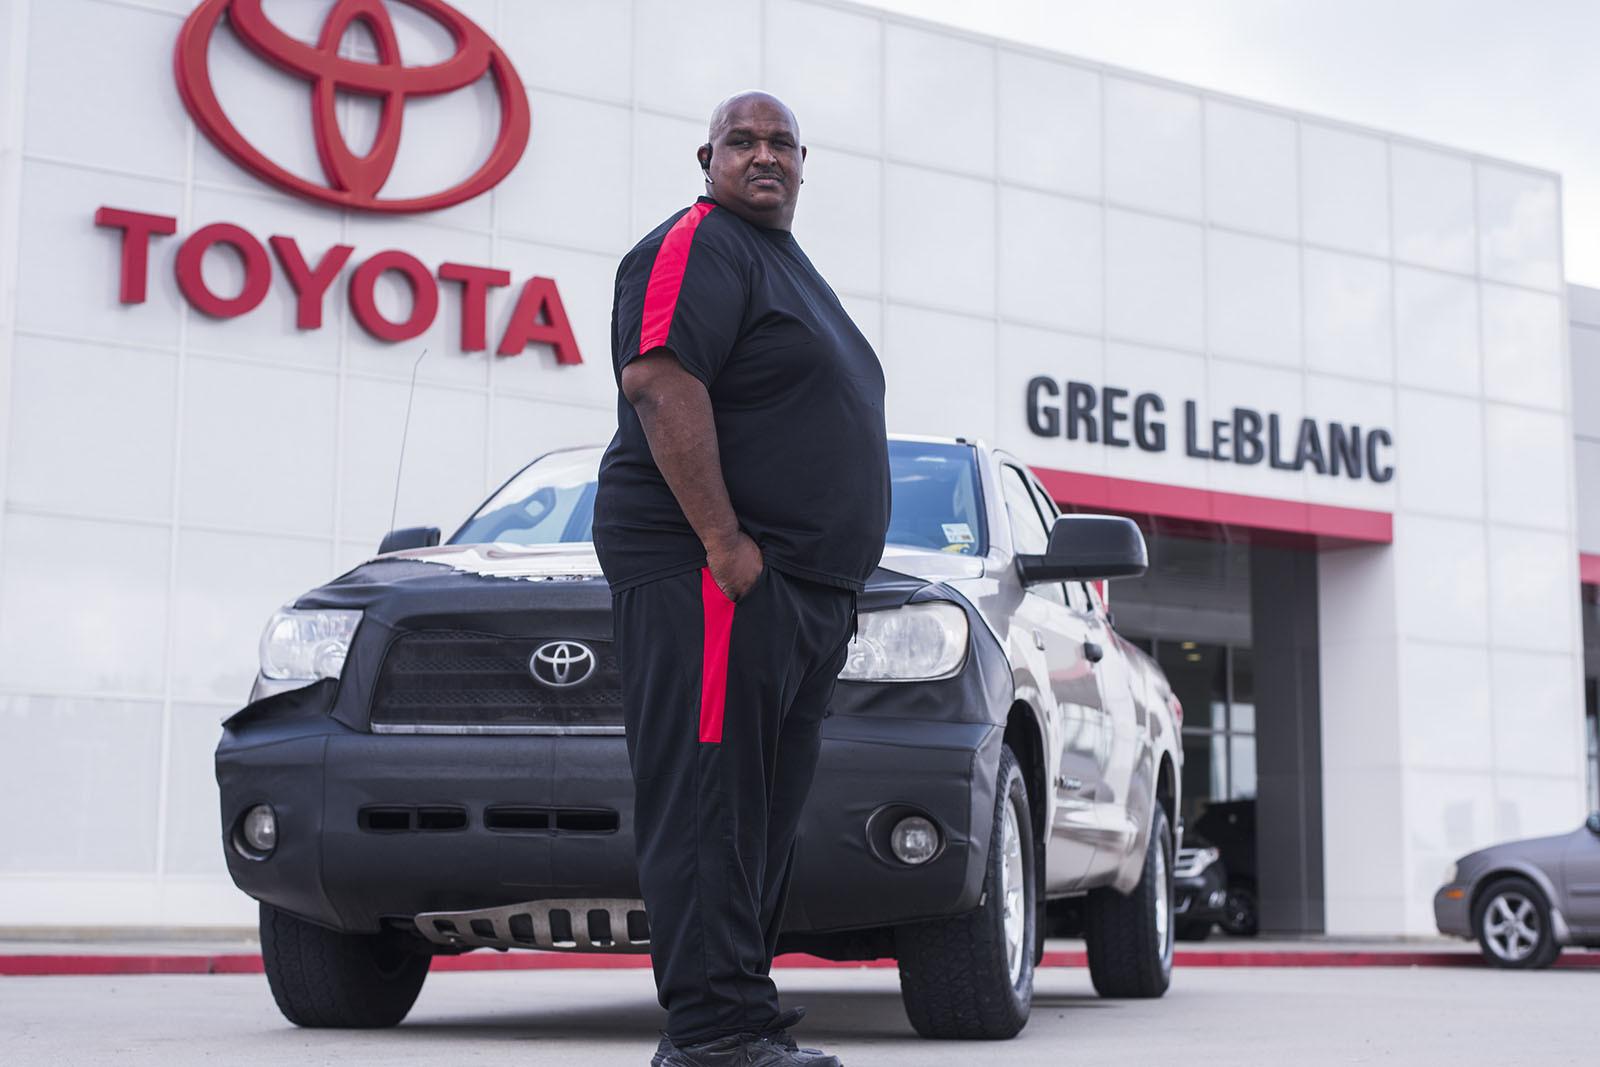 皮卡车开160万公里「仅保养0维修」 Toyota用新车求他交换送回厂研究